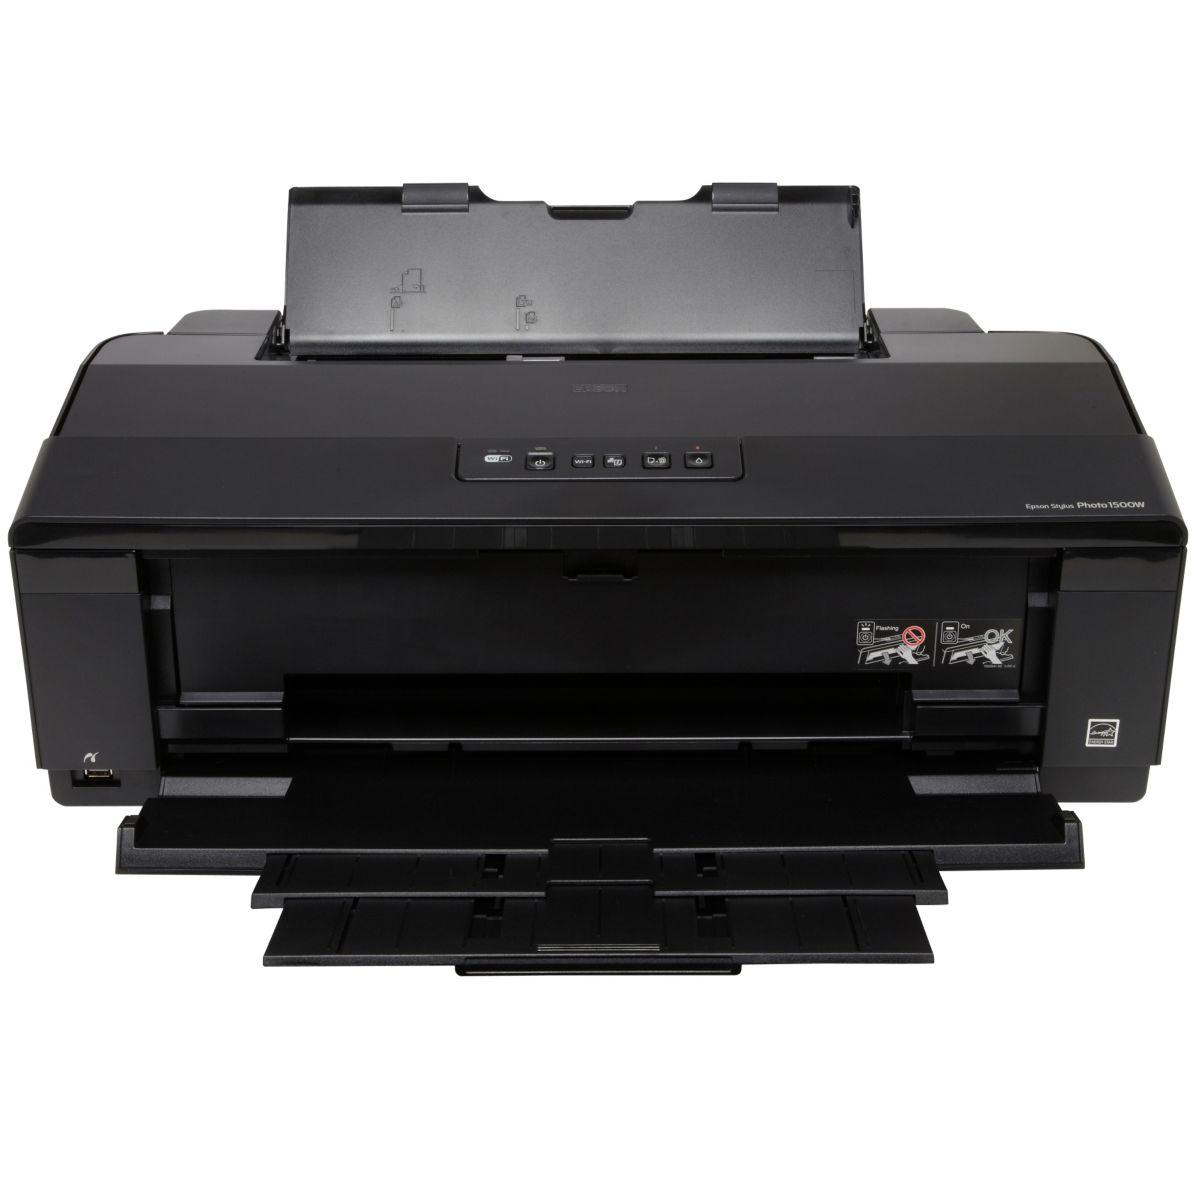 Imprimante monofonction jet d'encre epson sp1500w a3 - produit coup de coeur webdistrib.com !